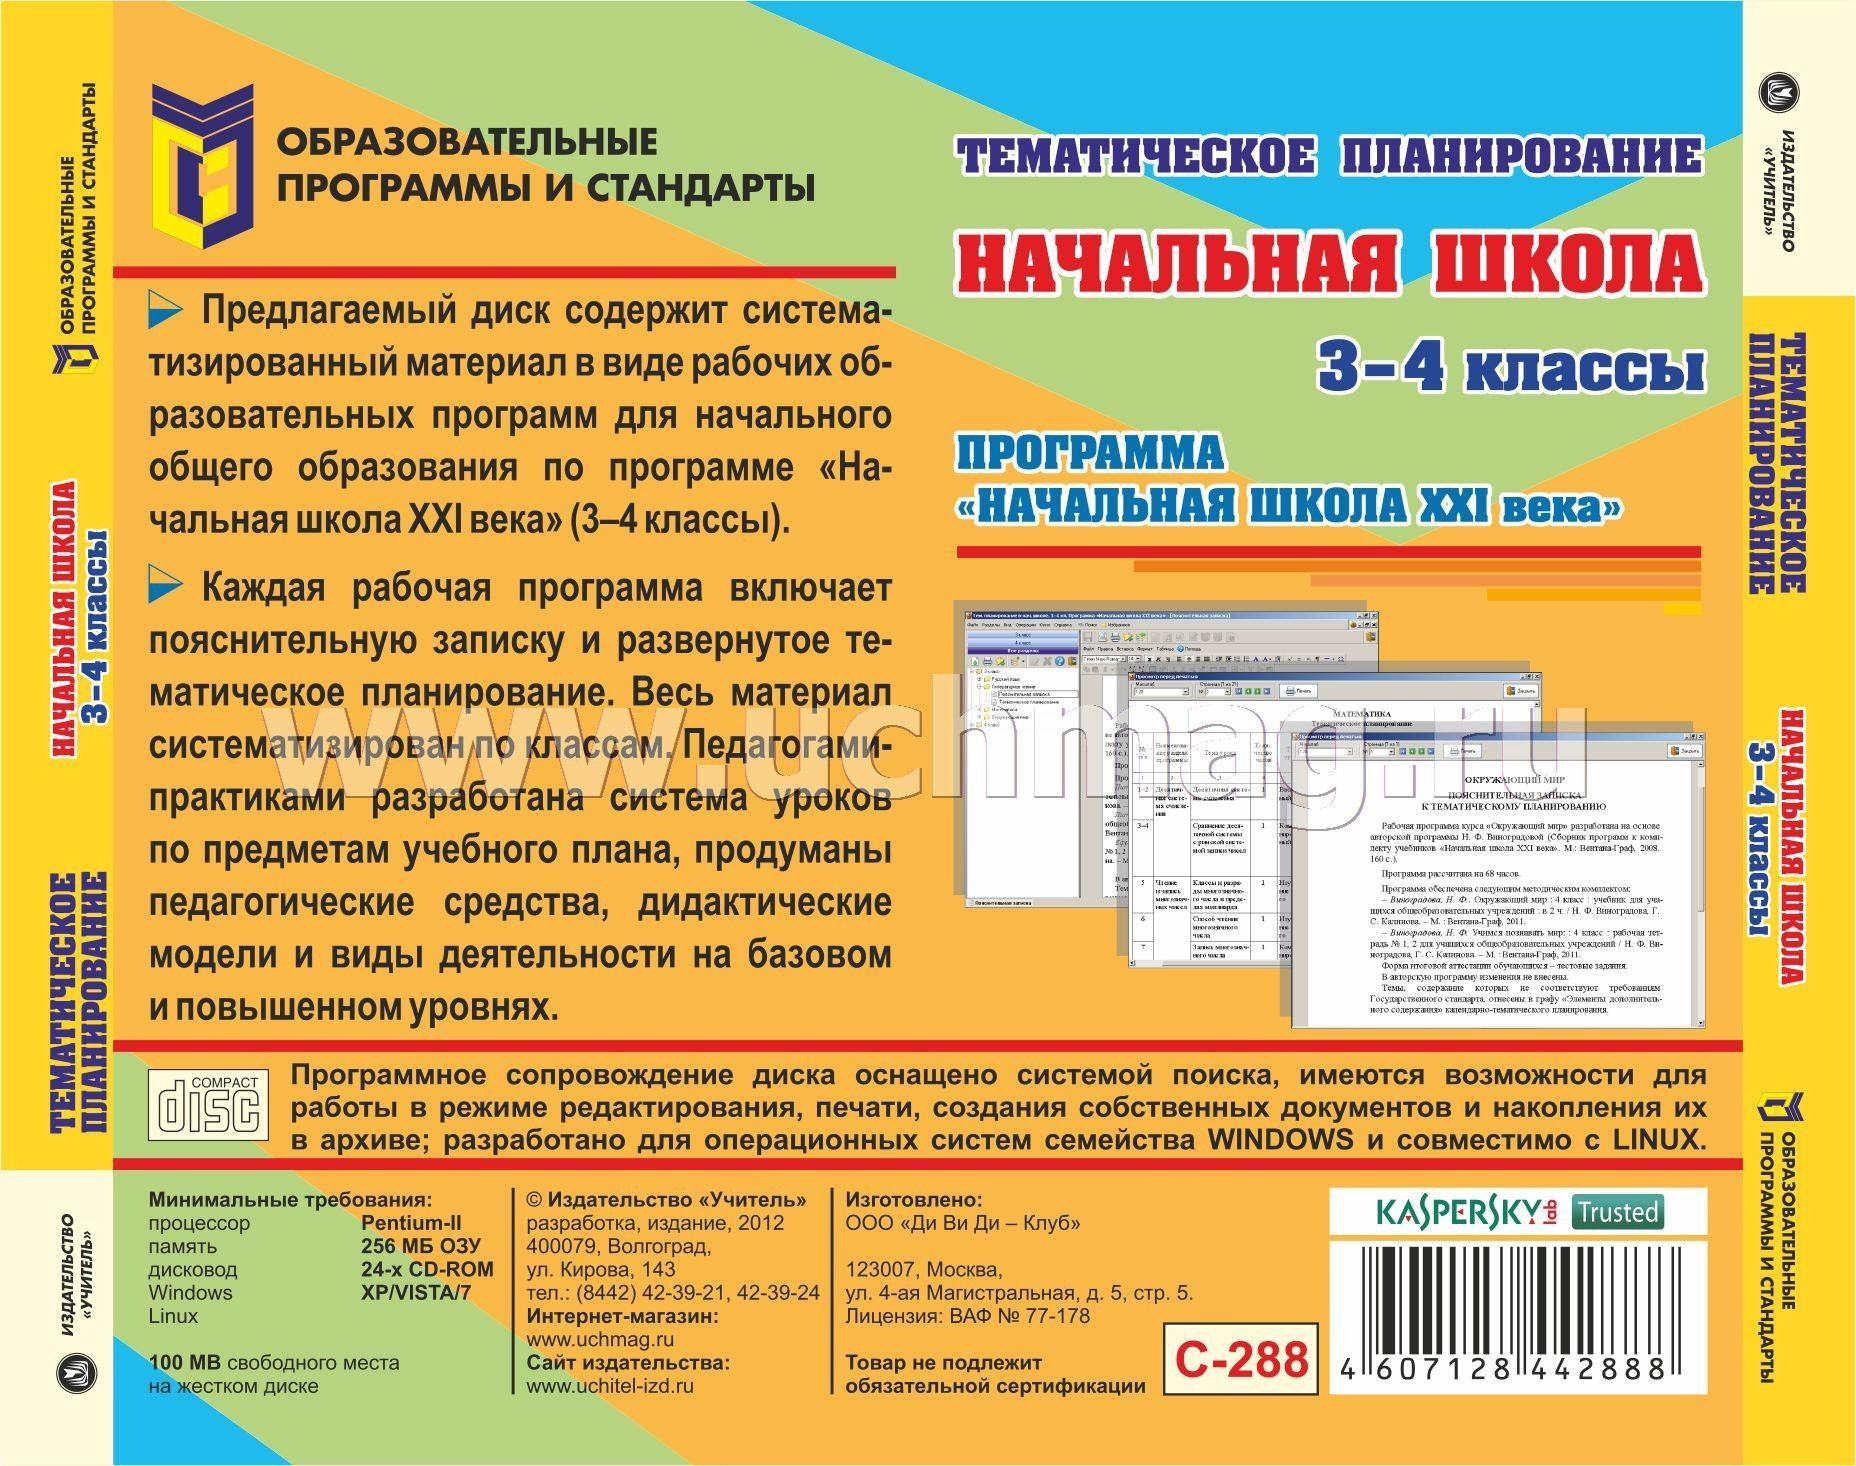 3 класс тематическое планирование и программа с ууд школа россии фгос по математике